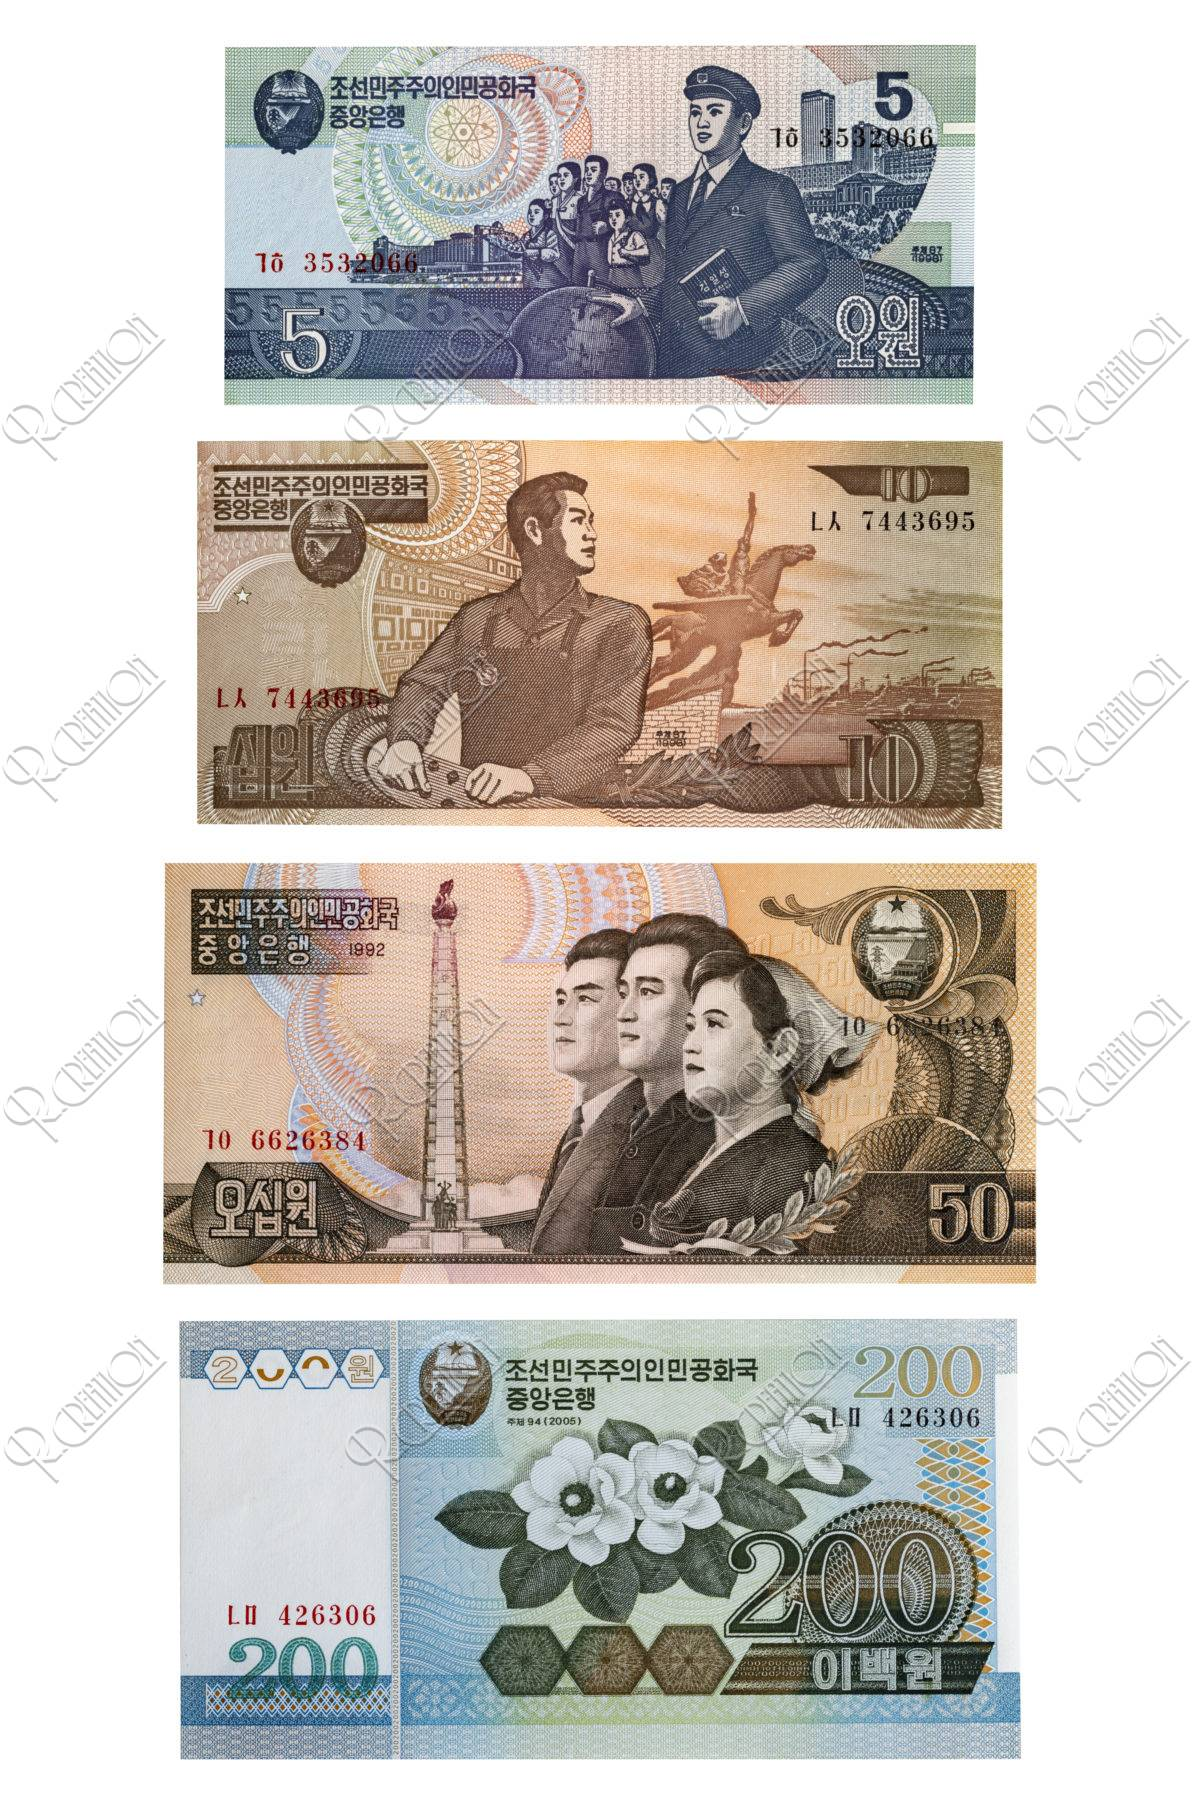 北朝鮮の紙幣